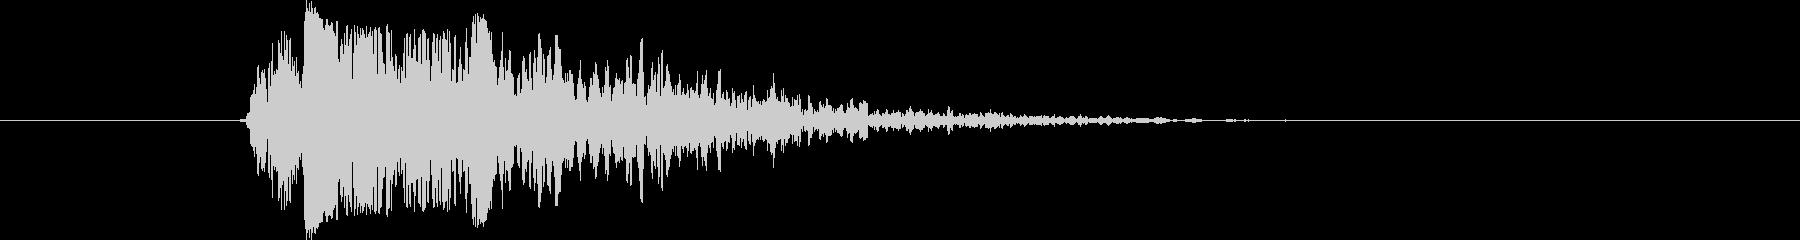 ライフル アサルトライフルファイア05の未再生の波形